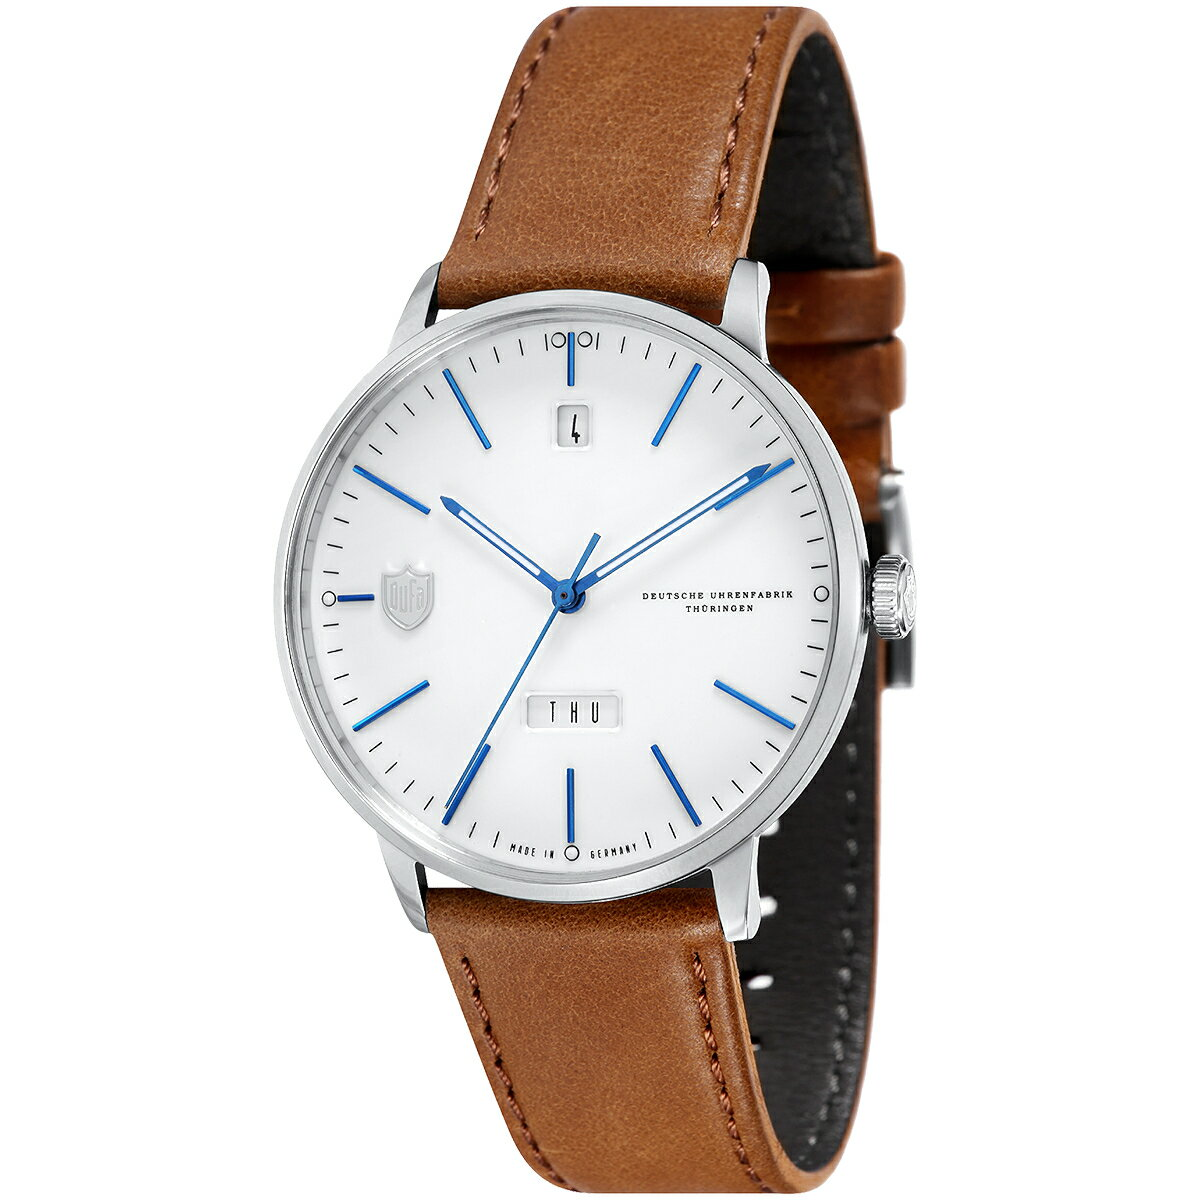 DUFA ドゥッファ DF-9018-04 HANNES DAY-DATE 時計 腕時計 メンズ レディース 男性 女性 ホワイト おしゃれ プレゼント 贈り物 ギフト ドイツ バウハウス [海外正規商品][送料無料][あす楽]